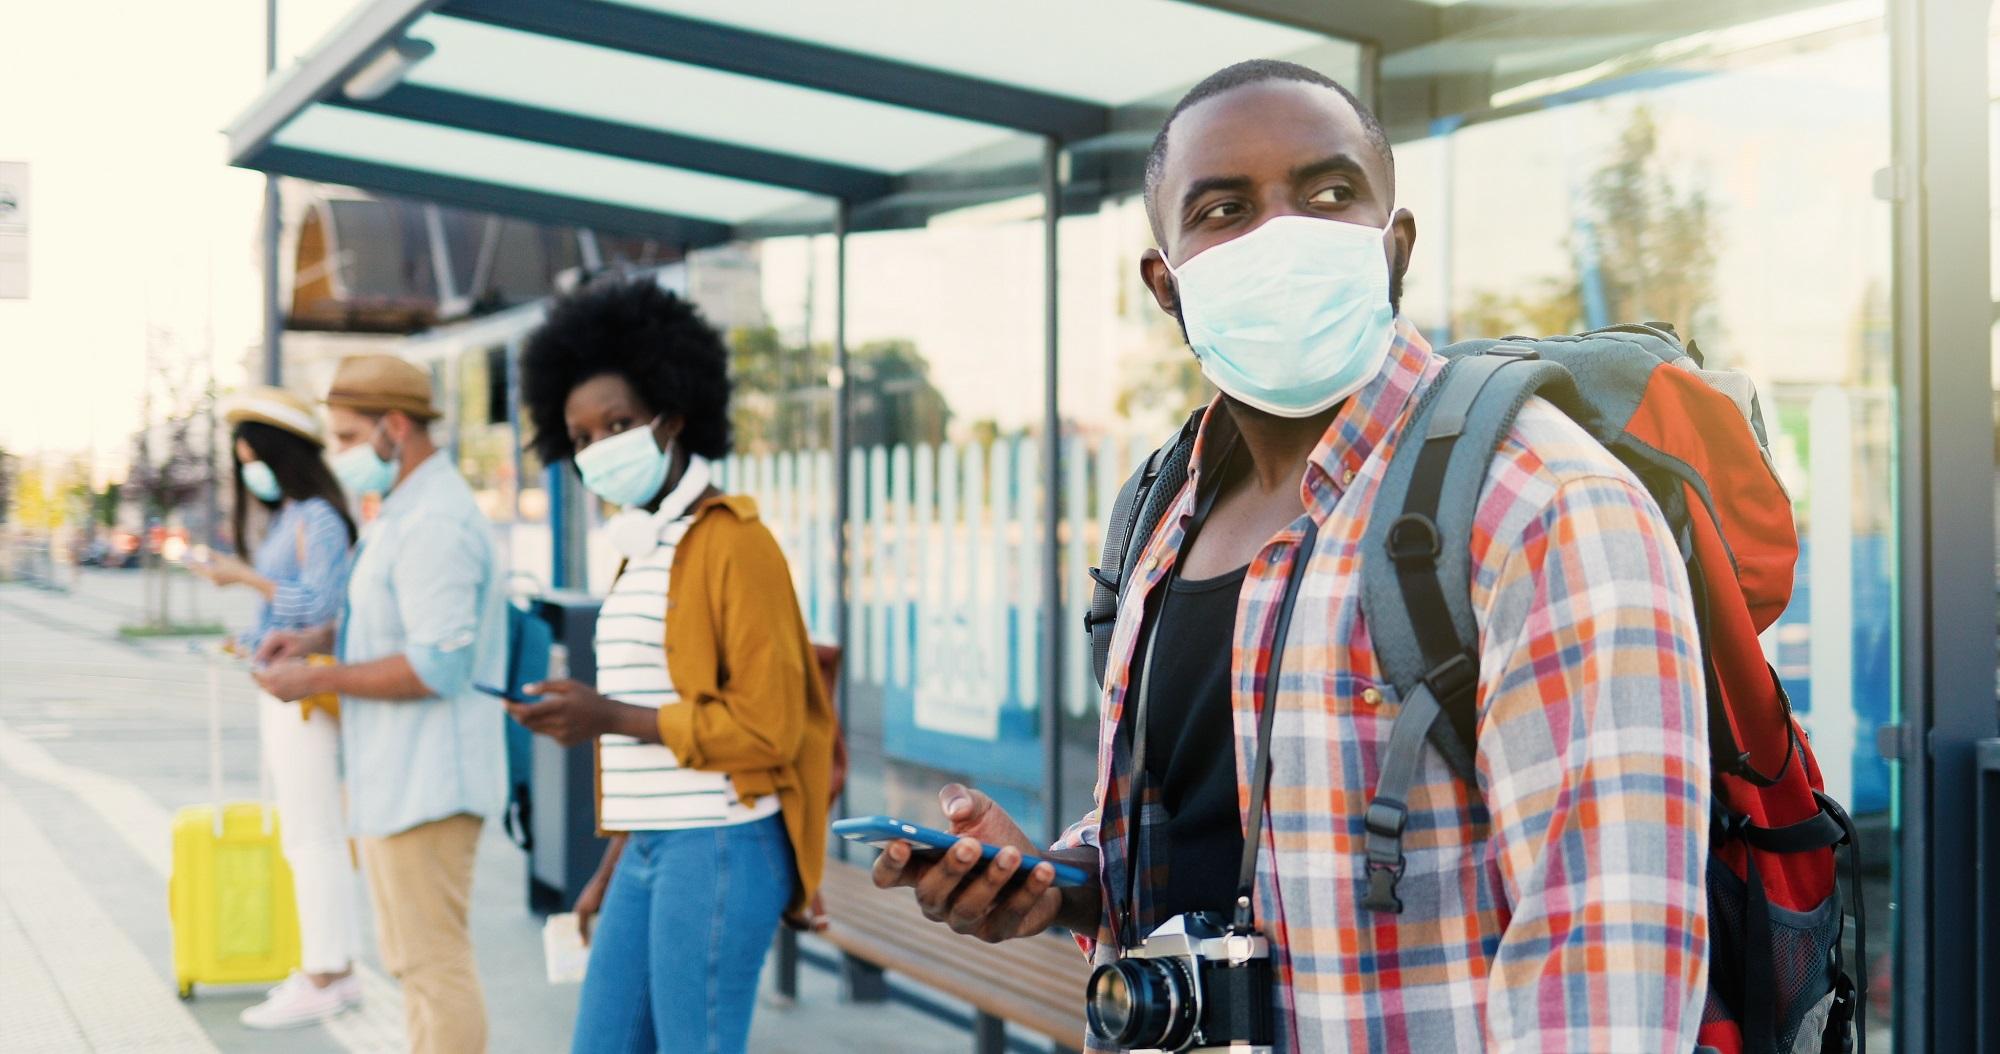 Vier Personen warten an einer Bushaltestelle und tragen einen Mund-Nasen-Schutz.